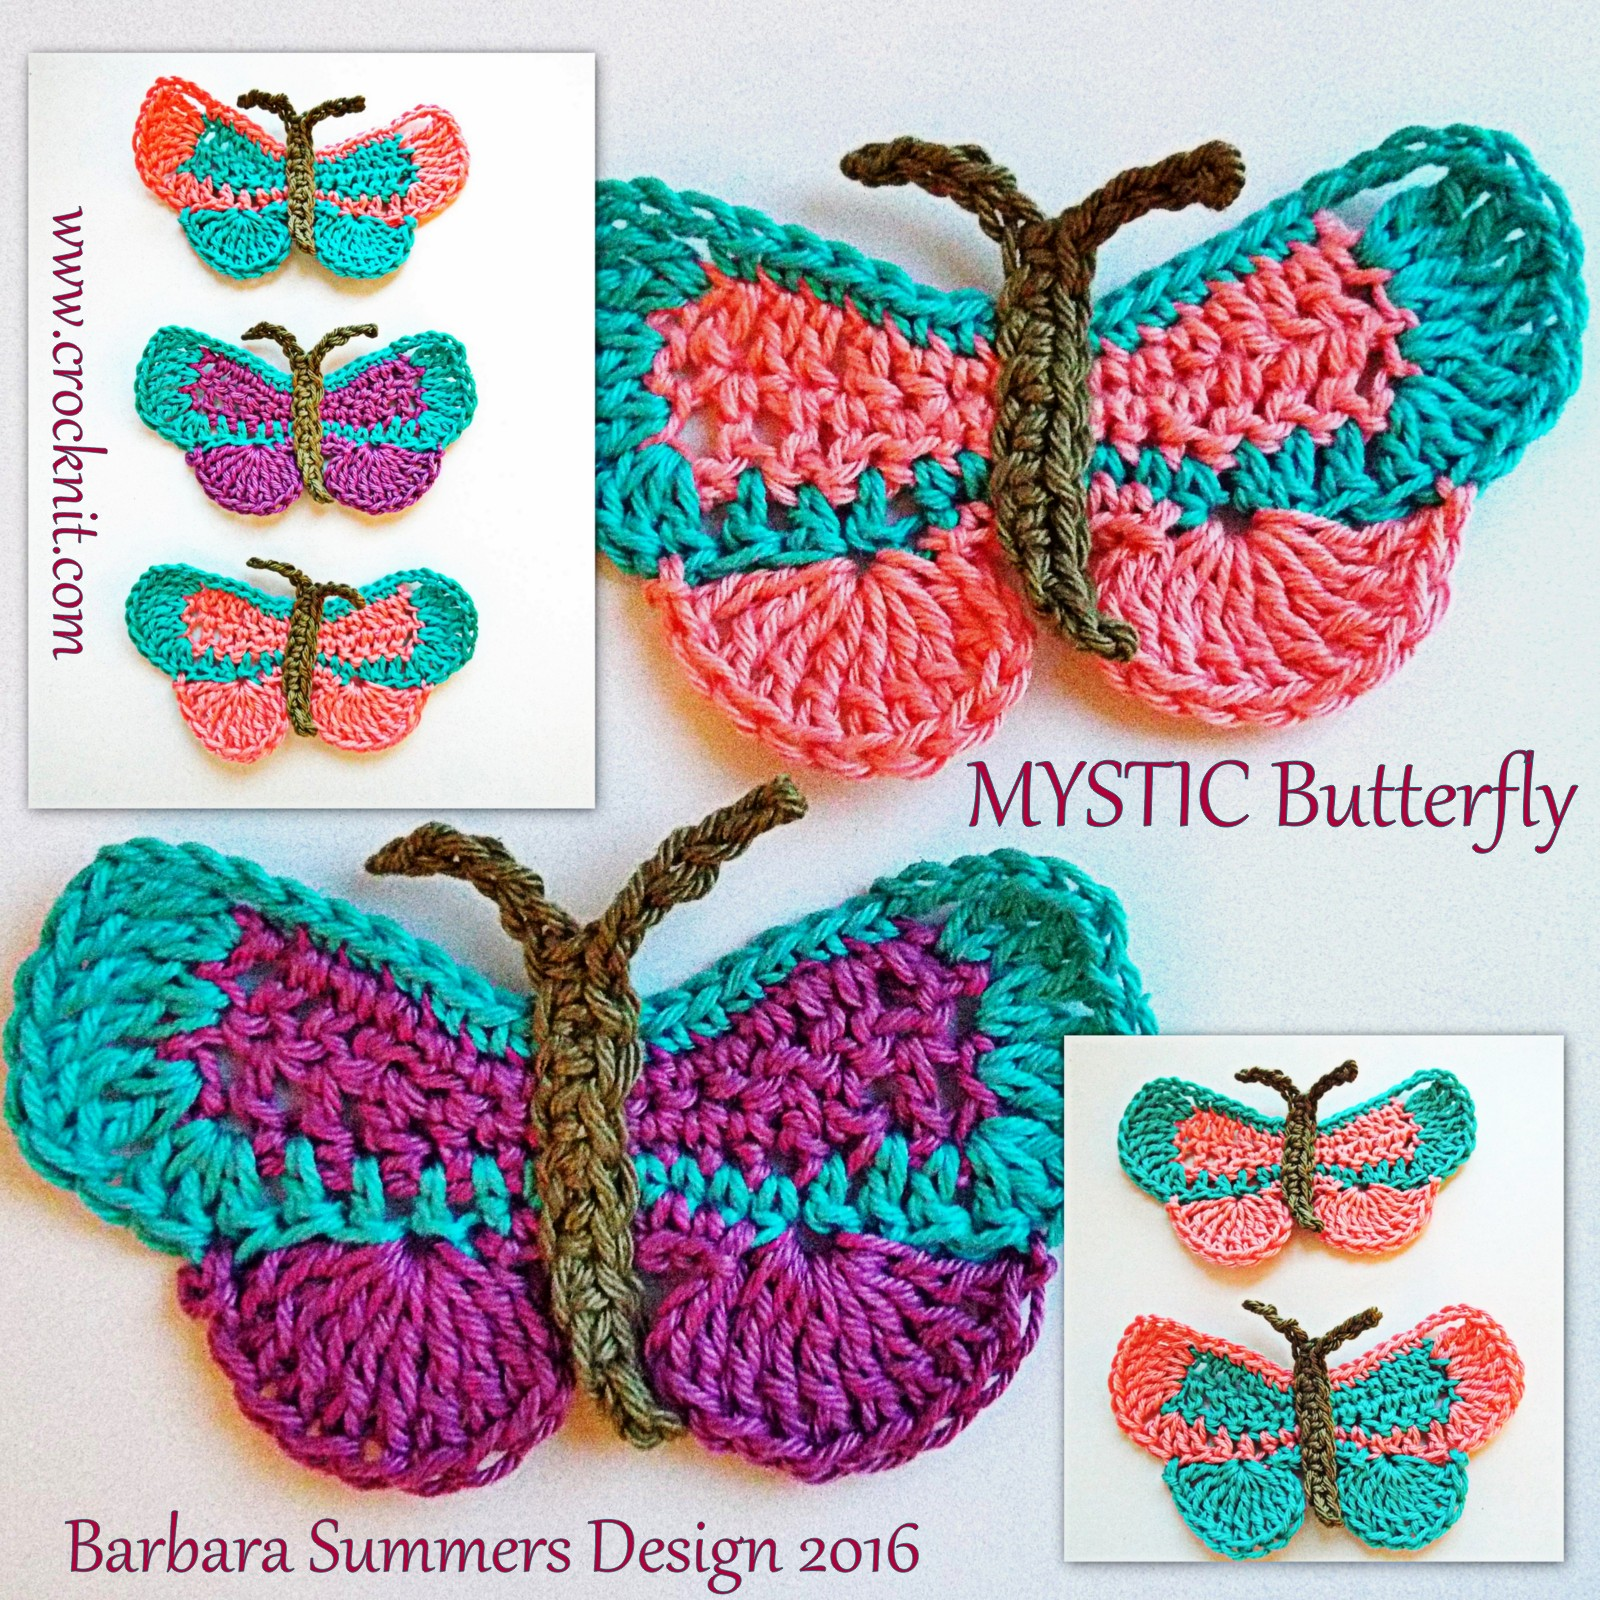 MICROCKNIT CREATIONS: MYSTIC Butterfly Crochet Pattern